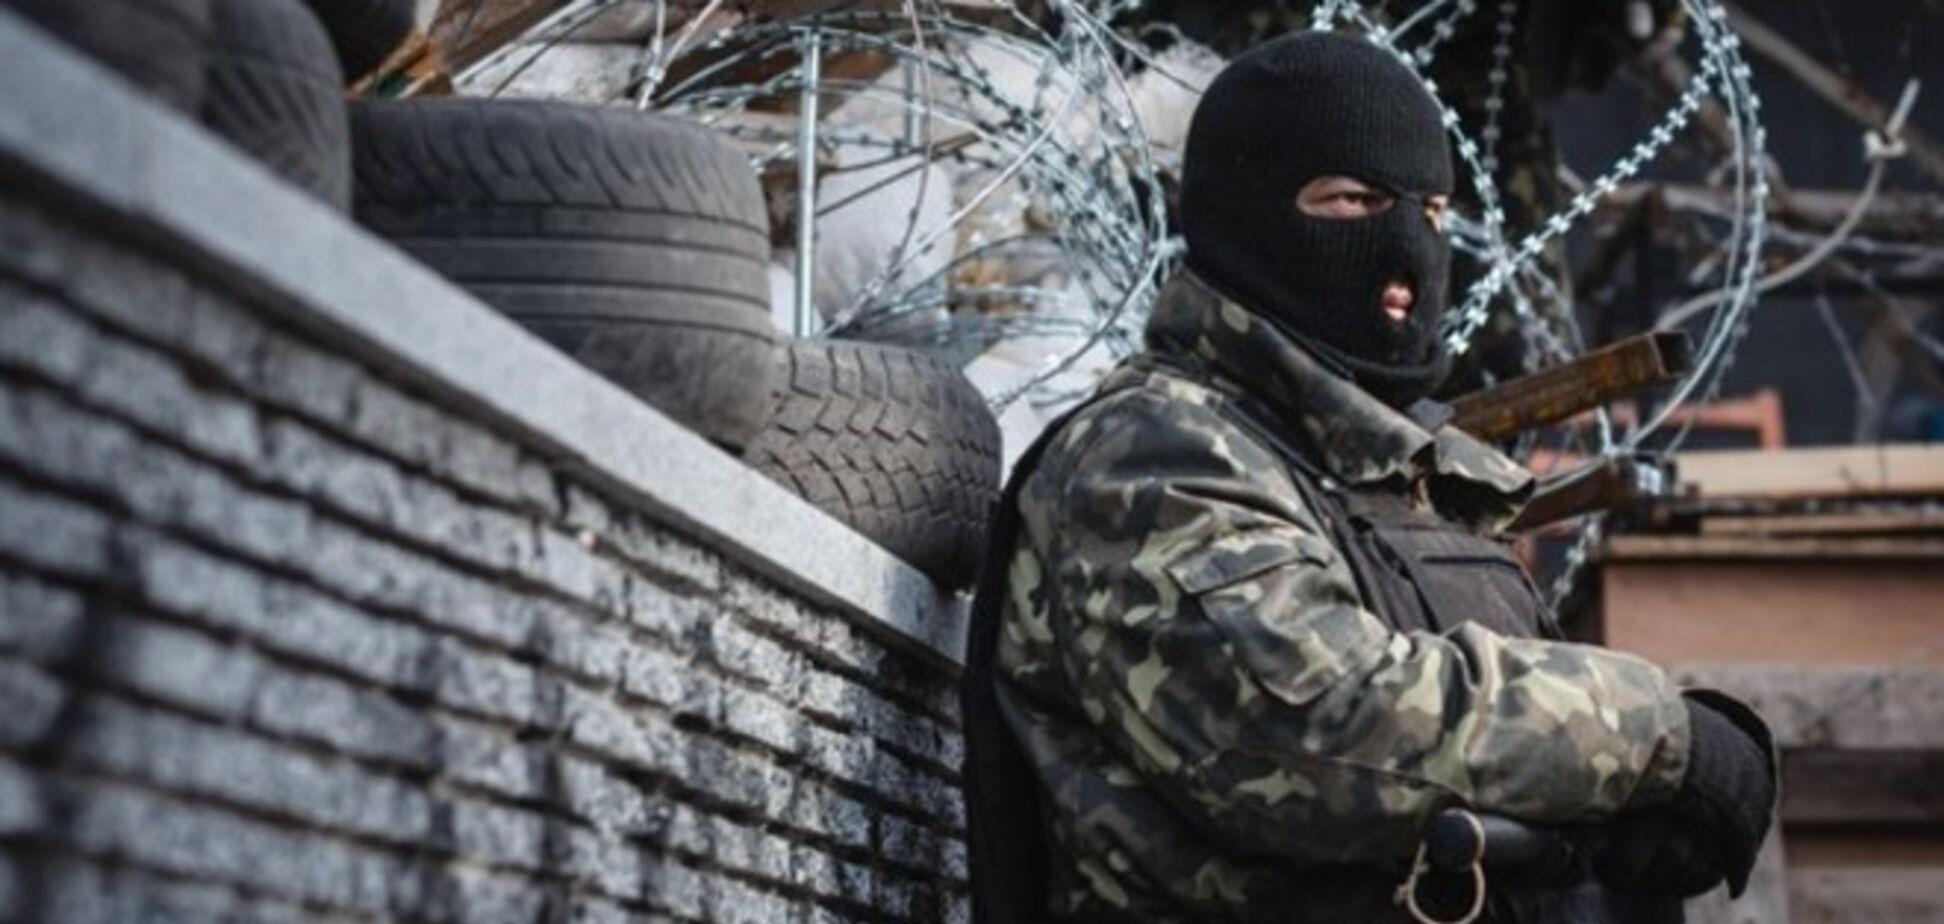 Террористам 'сливают' информацию с каналов спецсвязи и пособничают в вещании пропаганды на Донбассе - Тымчук